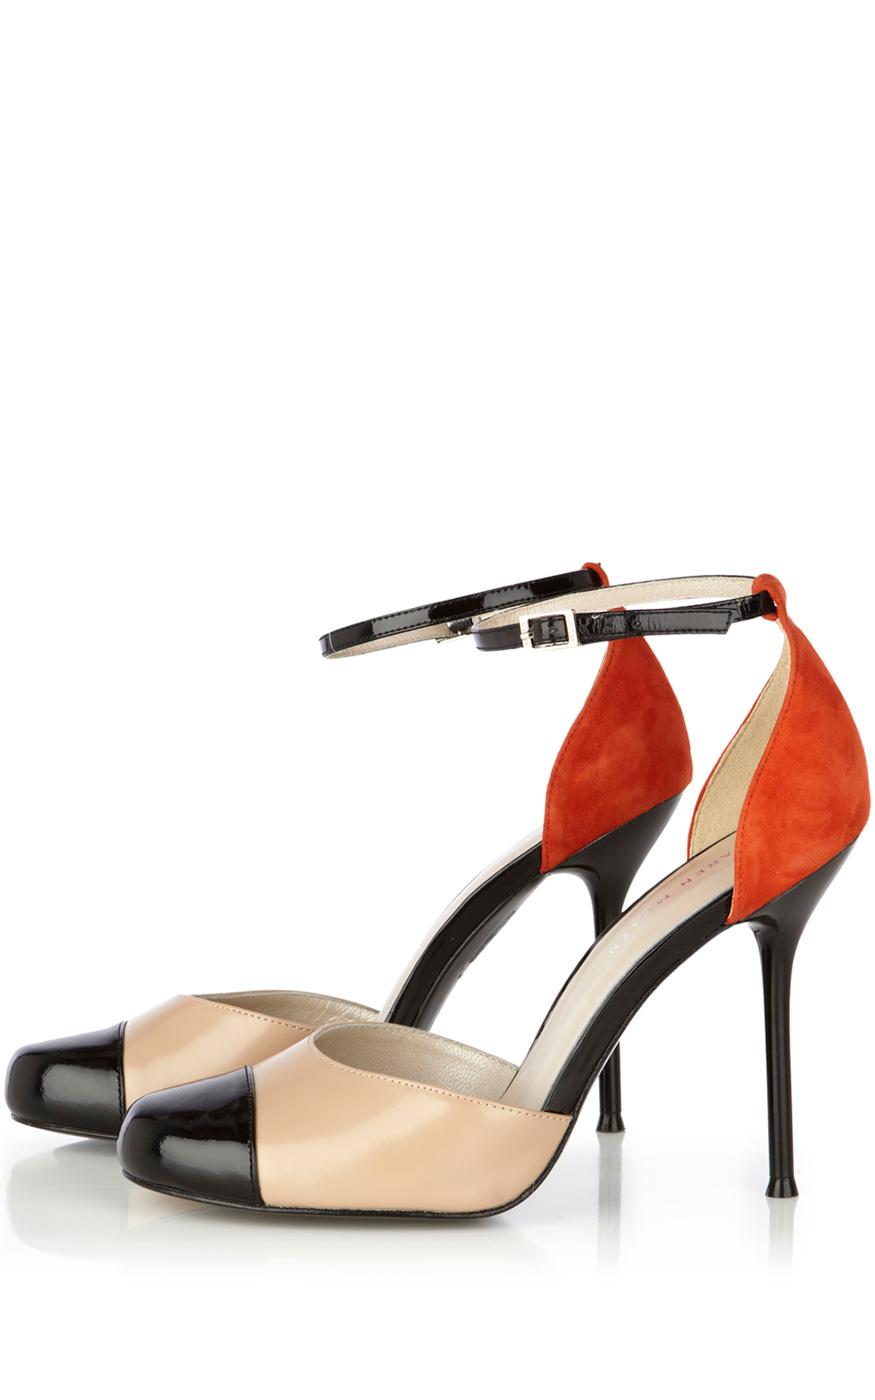 e2d03ea6162 Karen Millen Colourblock Ankle Strap Shoe in Natural - Lyst